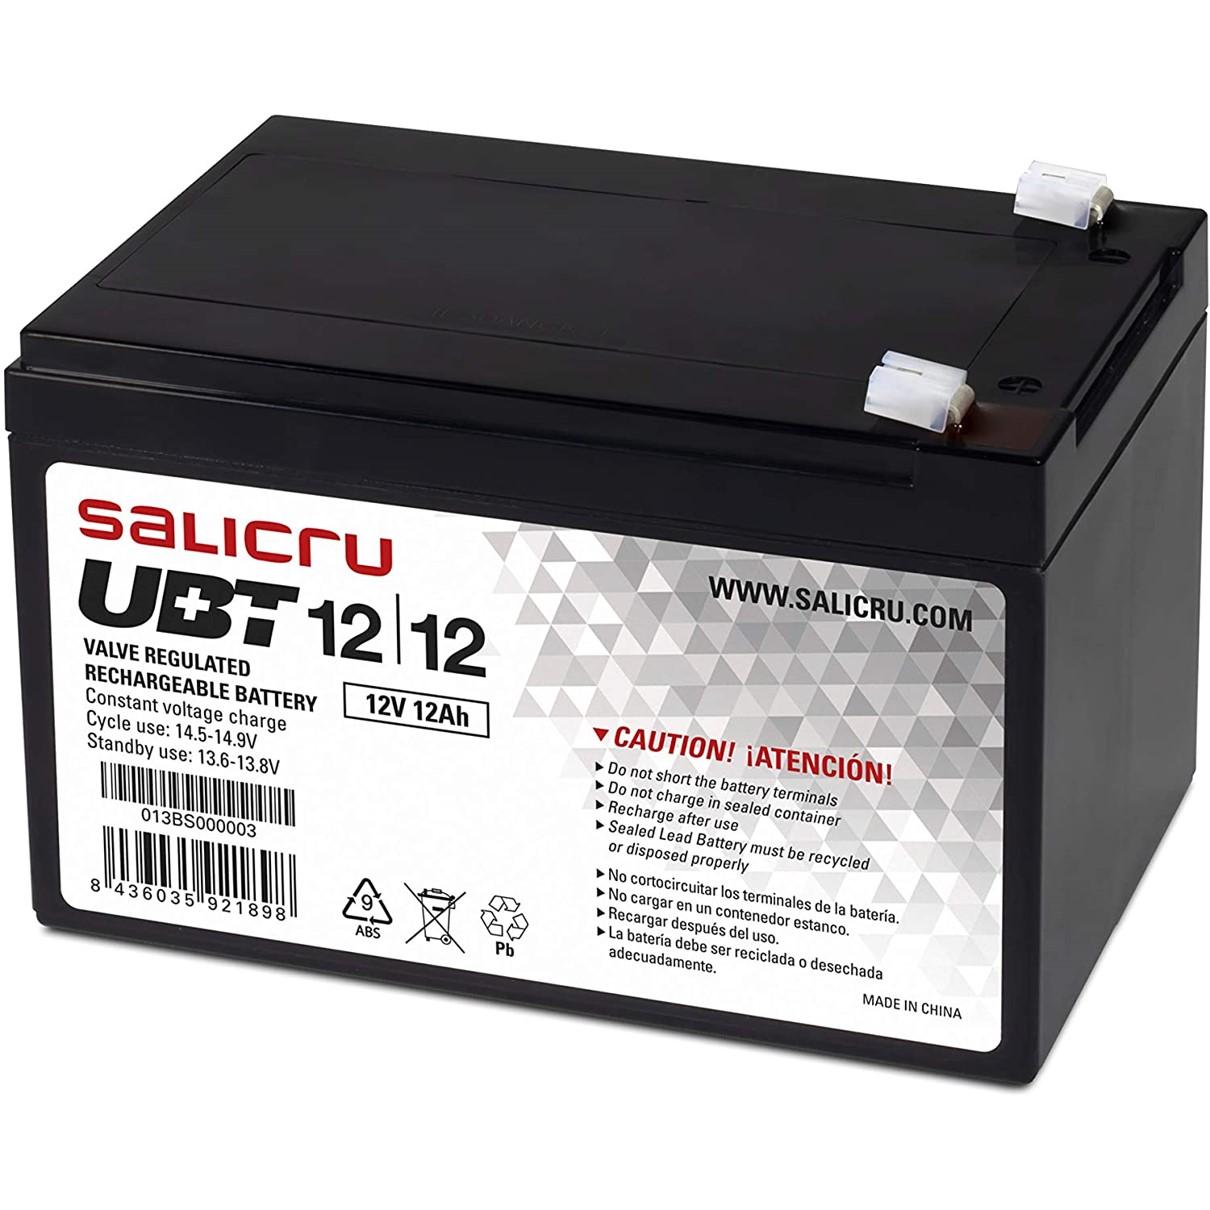 SALICRU UBT 12/12 - batería de UPS - Ácido de plomo - 12 Ah